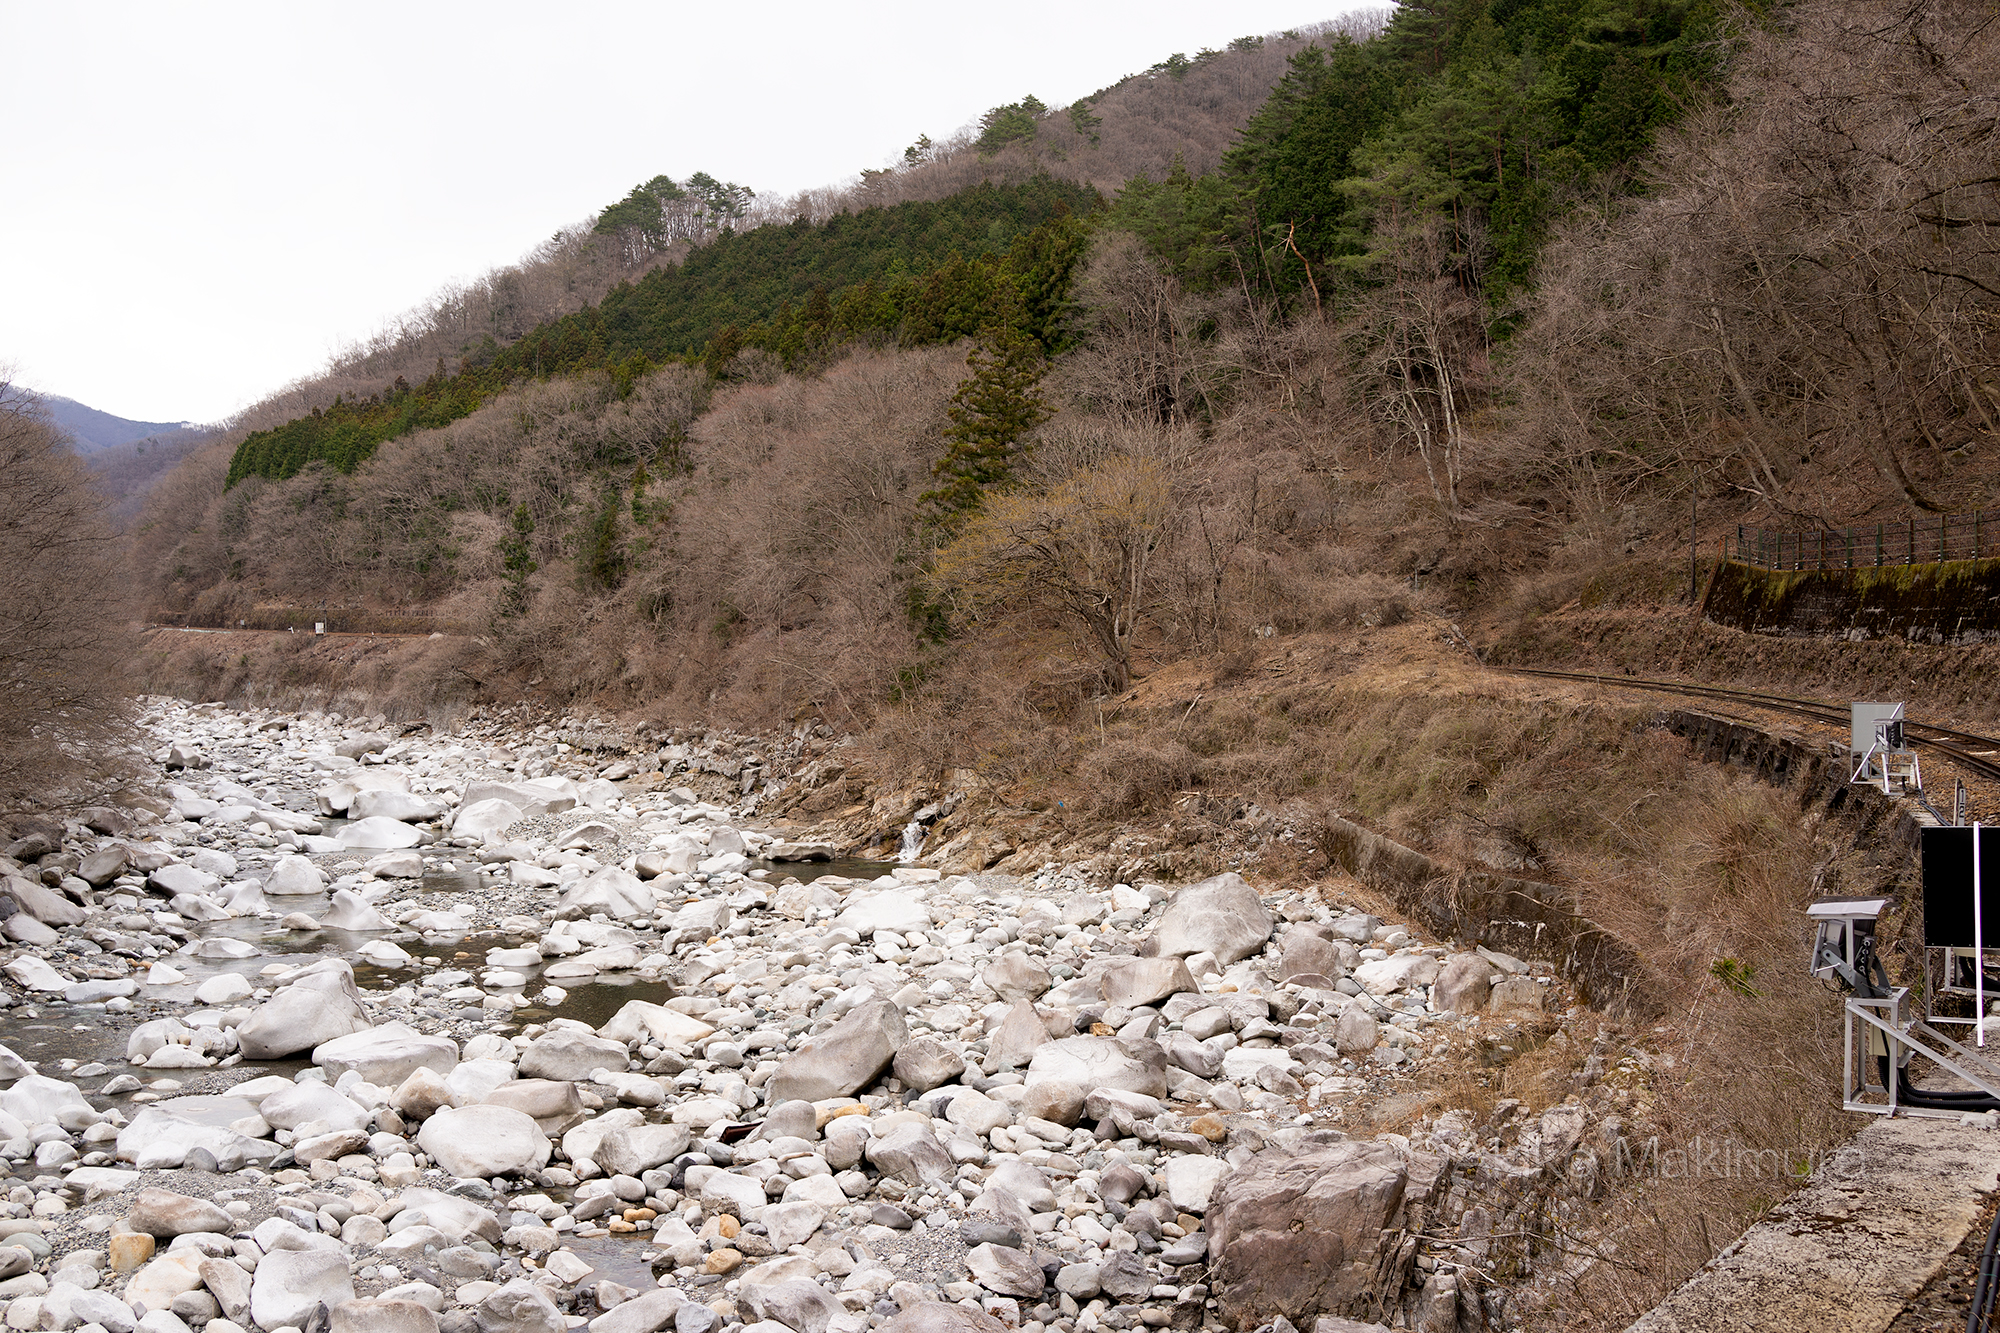 【7】夏虫駅のロケ地と坂東カーブ わたらせ渓谷鉄道の旅